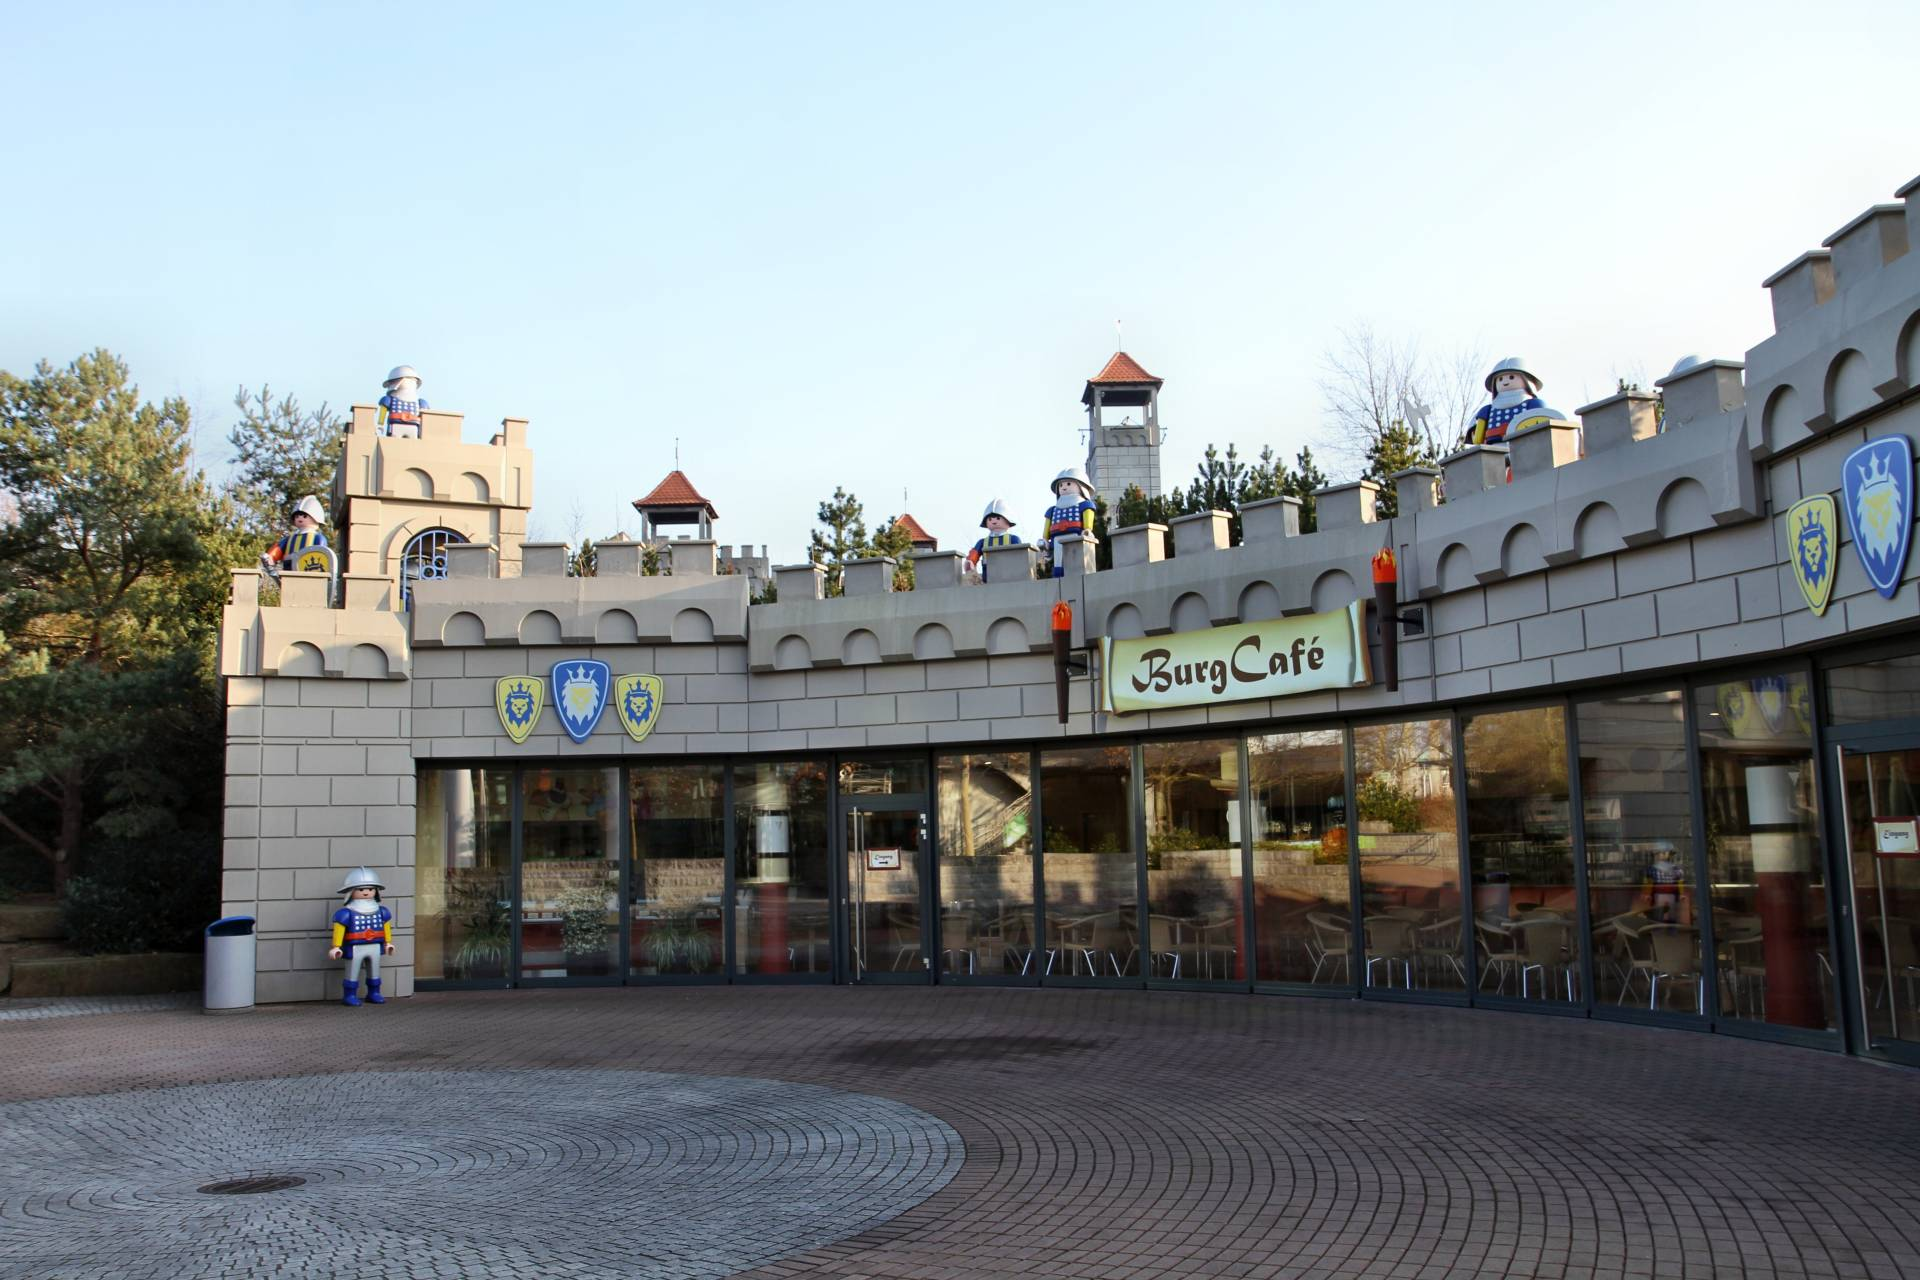 Playmobil Funpark Rabatt 2020: Geld sparen beim Eintrittspreis (Update)